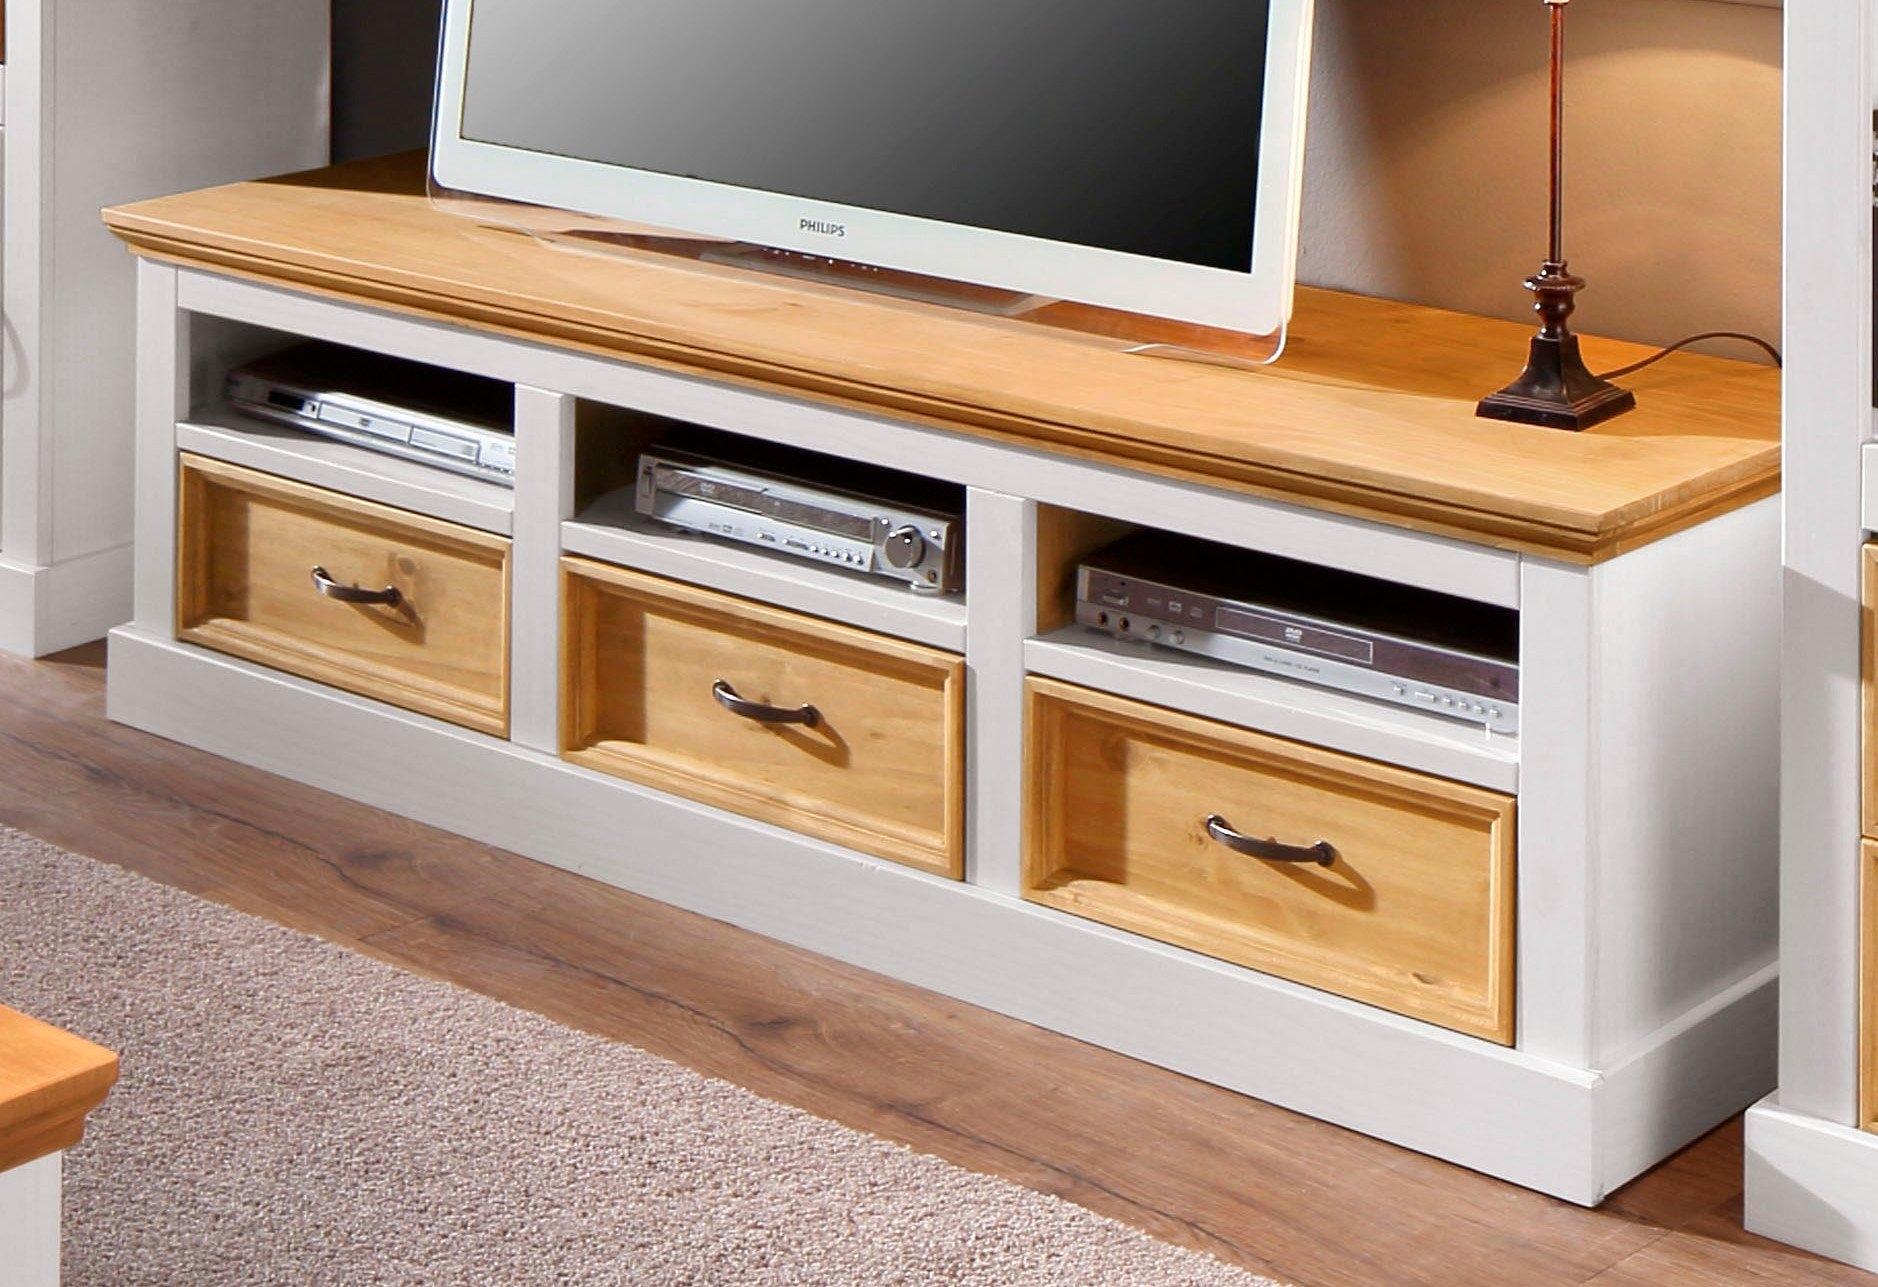 Home affaire tv-meubel Selma Breedte 170 cm nu online kopen bij OTTO